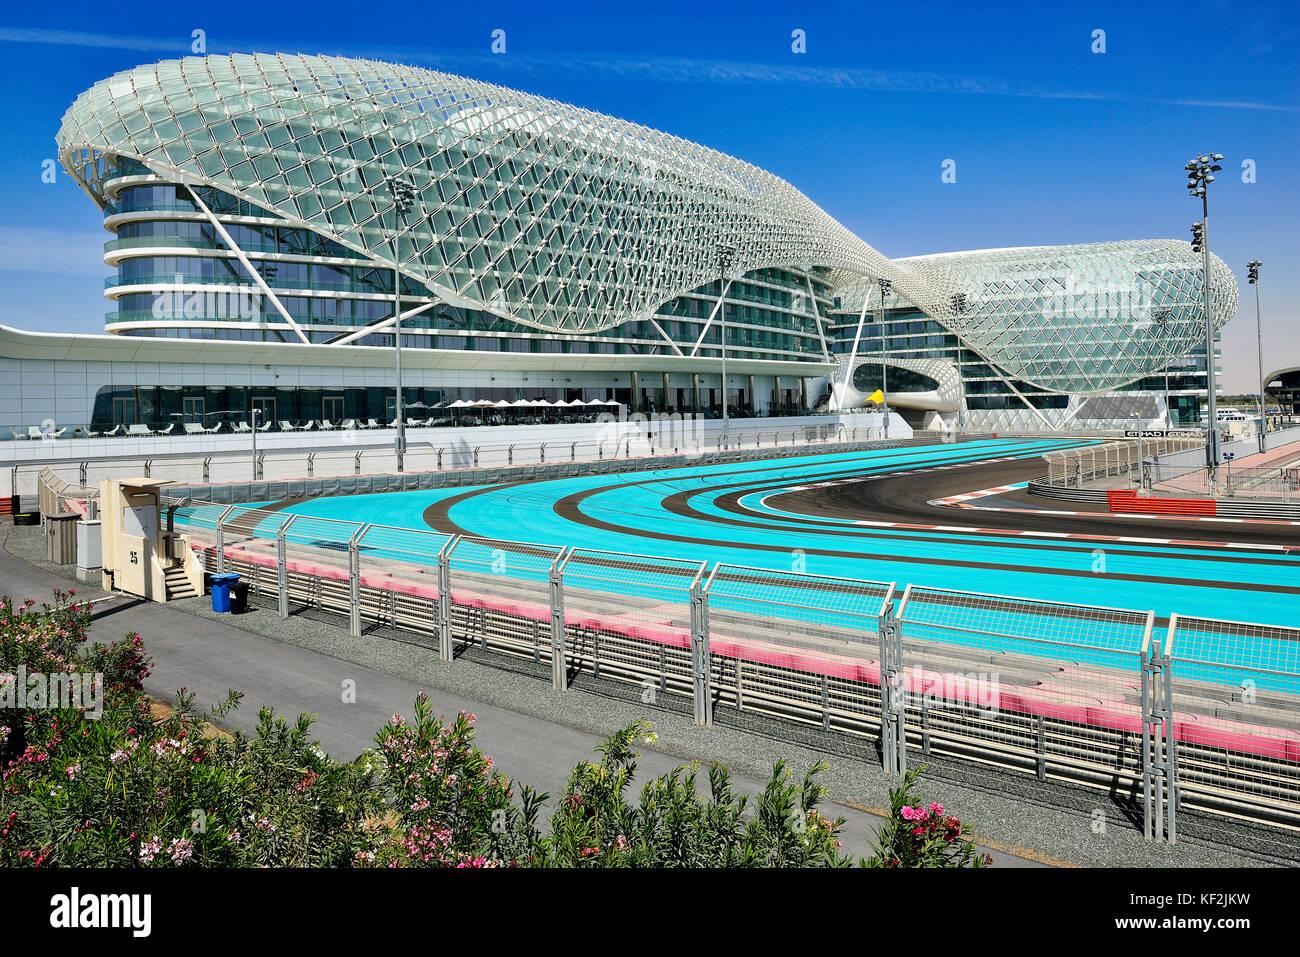 Yas Marina Circuit Formel 1 Schaltung, hinten Yas Marina Hotel, Yas Island, Abu Dhabi, Vereinigte Arabische Emirate Stockbild